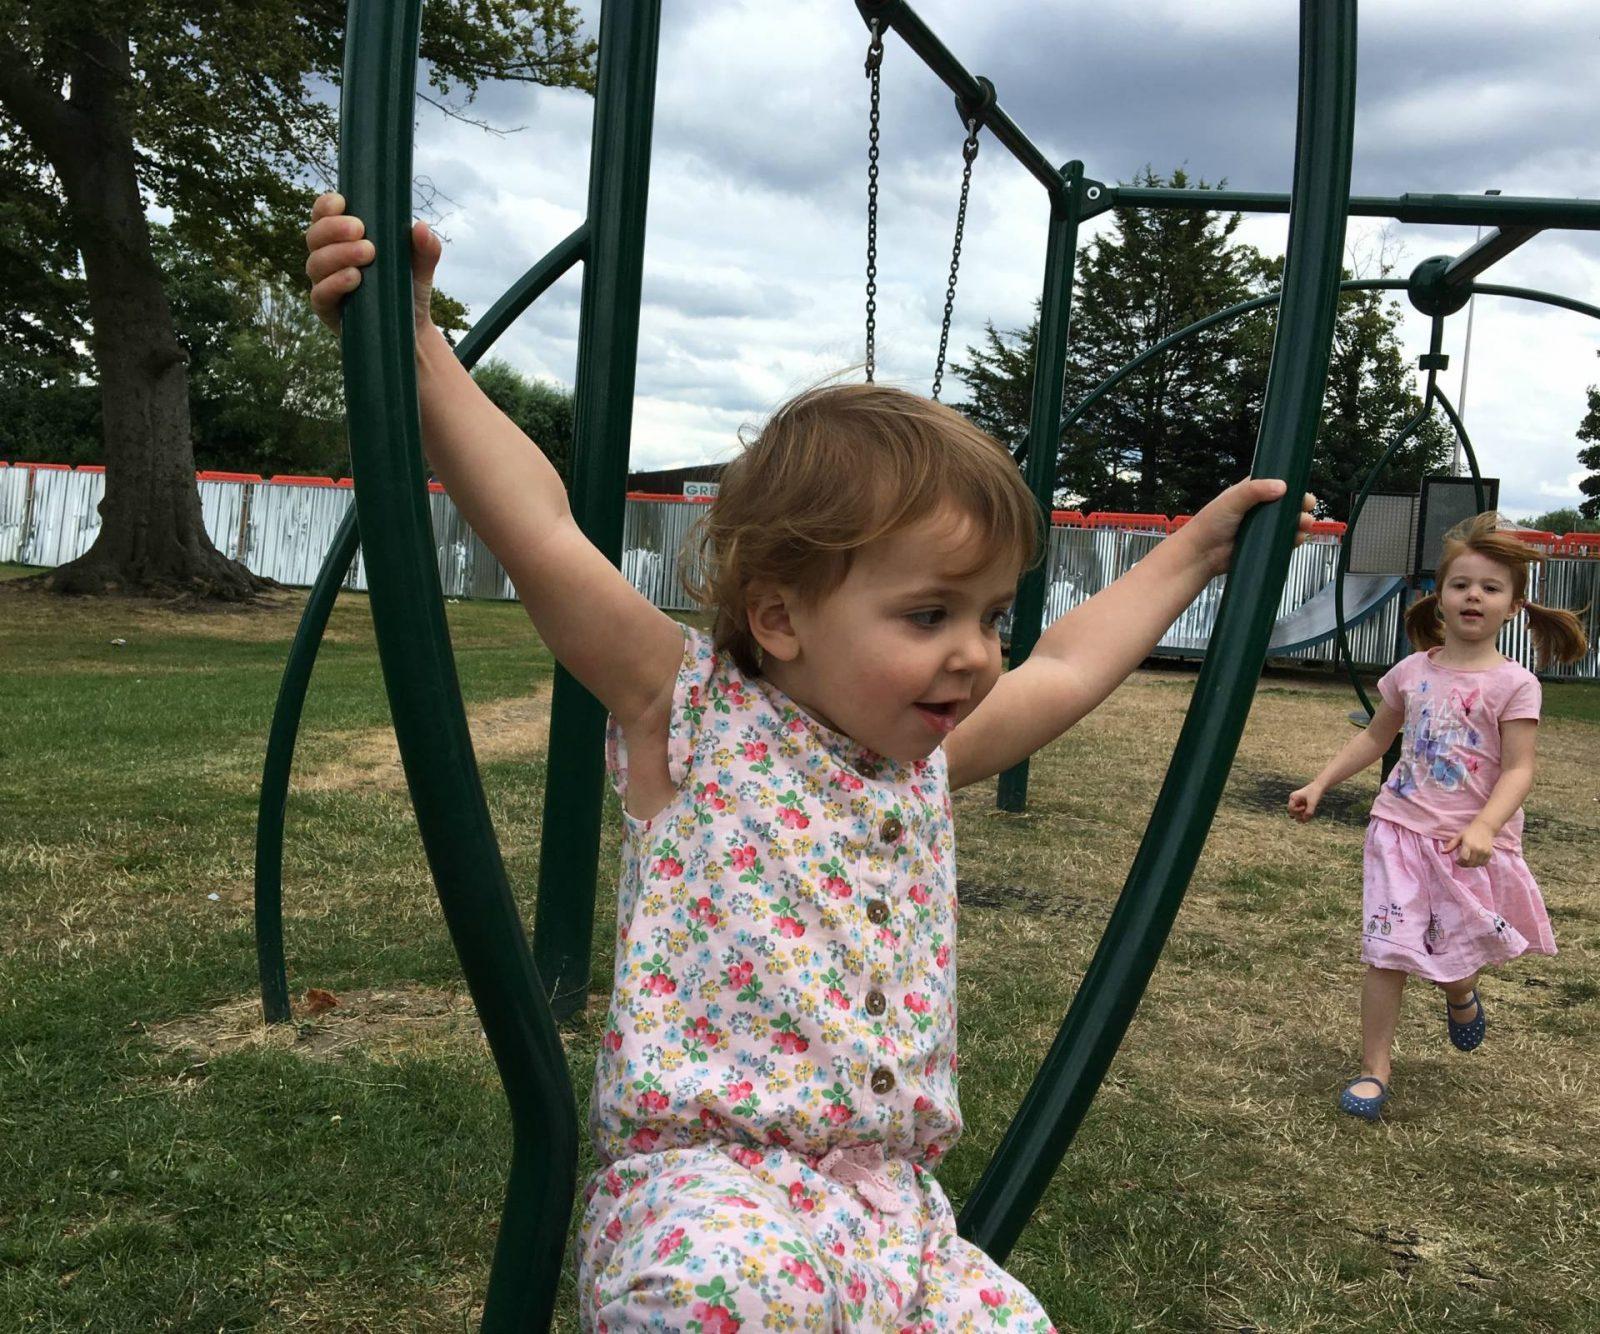 Girls-park